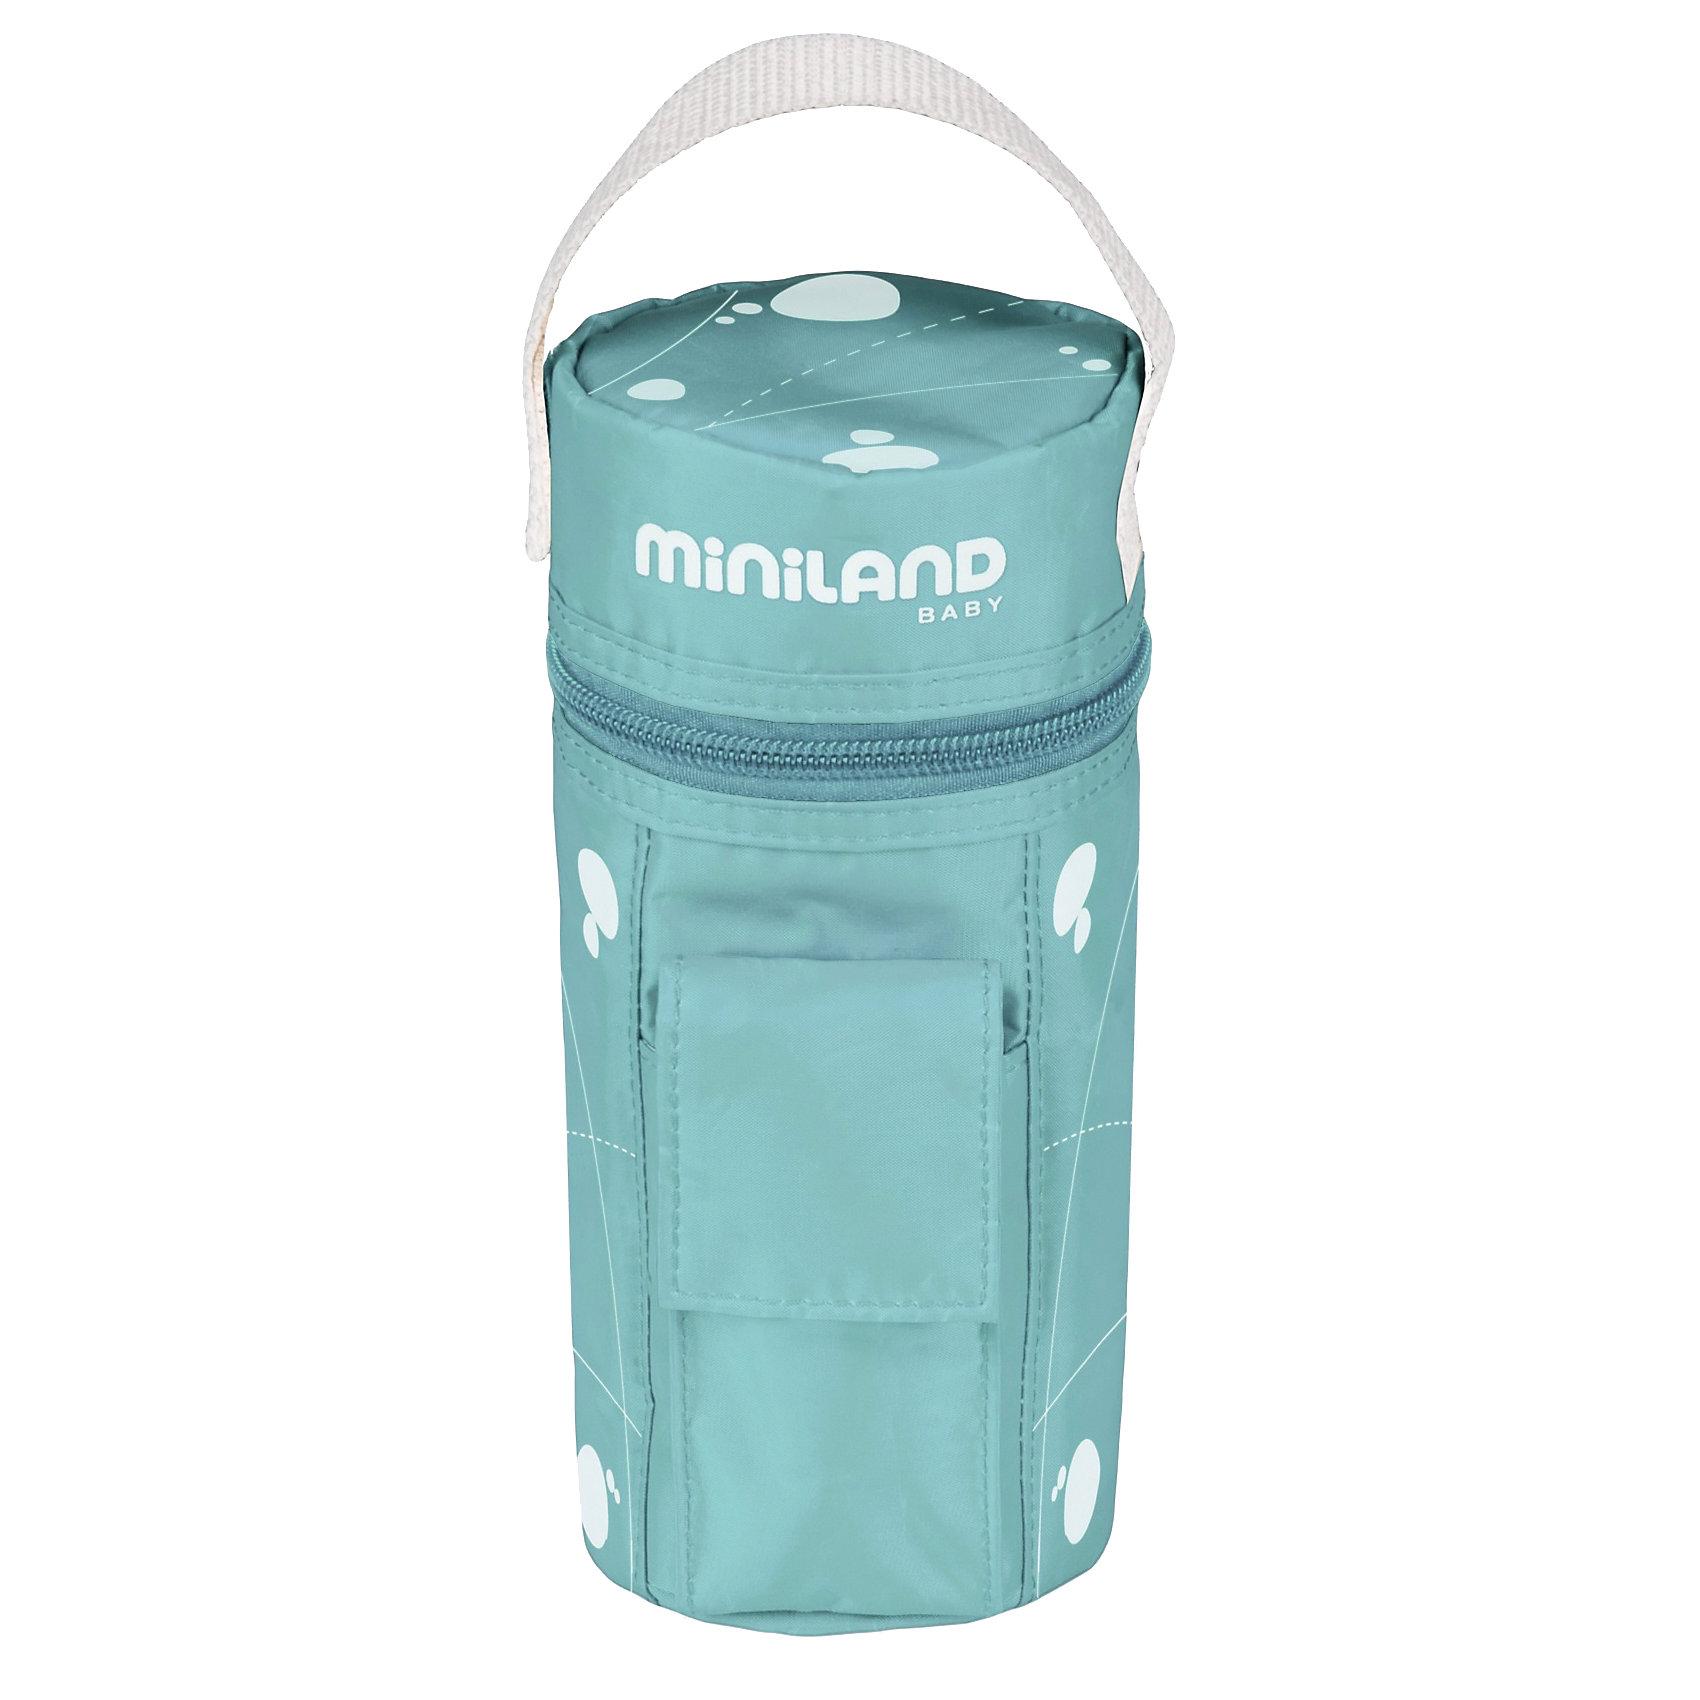 Компактный нагреватель бутылочек в дорогу WARMY TRAVEL , MinilandДетская бытовая техника<br>Компактный нагреватель бутылочек Warmy Travel пригодится в длительной поездке с малышом. С его помощью вы сможете легко и быстро подогреть баночку или бутылочку с детским питанием. Нагреватель подключается с помощью прикуривателя и удобно крепится с помощью липучек. Кроме того, он поддерживает температуру, что очень удобно для детей, которые любят есть маленькими порциями. <br>Особенности:<br>-быстро нагревает питание<br>-функция поддержания температуры после подогрева<br>-система защиты от перегревания<br>-есть ручка и липучки, застегивается на молнию<br>Цвет: зеленый<br>Размеры: 11х11х24 см<br>Вы можете купить нагреватель бутылочек Warmy Travel вы нашем интернет-магазине.<br><br>Ширина мм: 243<br>Глубина мм: 109<br>Высота мм: 109<br>Вес г: 259<br>Цвет: бирюзовый<br>Возраст от месяцев: 0<br>Возраст до месяцев: 36<br>Пол: Унисекс<br>Возраст: Детский<br>SKU: 3288457